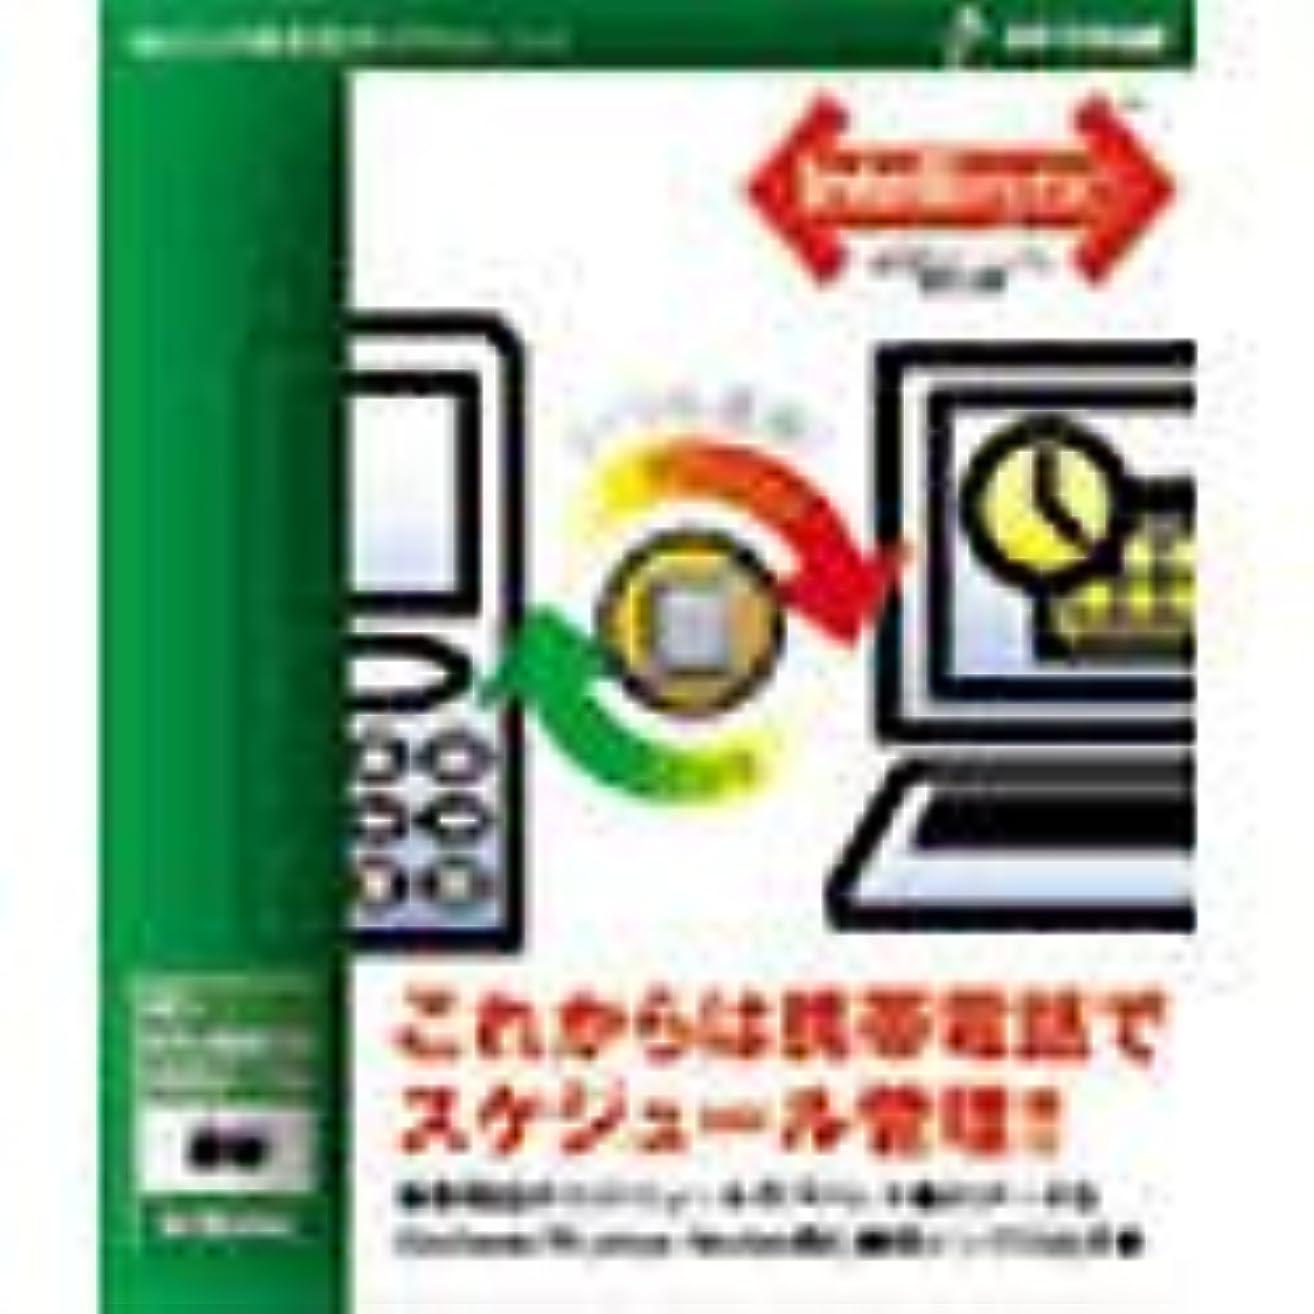 ソビエト混乱毒液Intellisync 5.2J モデム機能付きUSBケーブル au for Windows